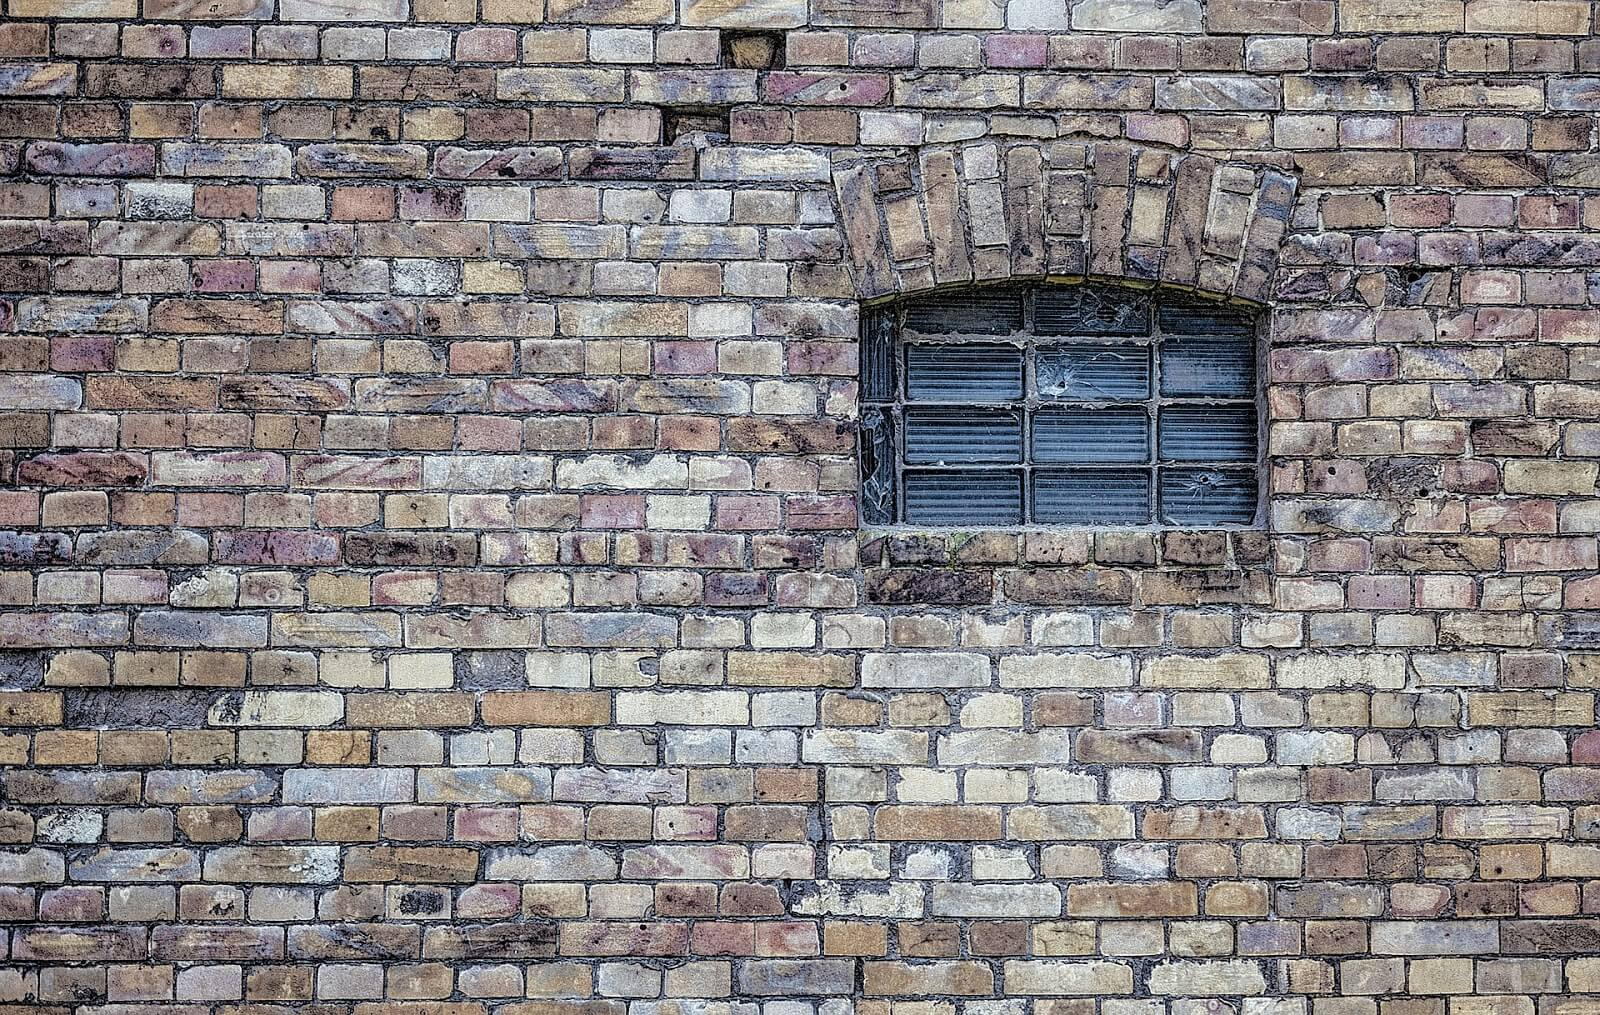 Proteja seus tijolos, pedras e telhados mantendo o aspecto natural